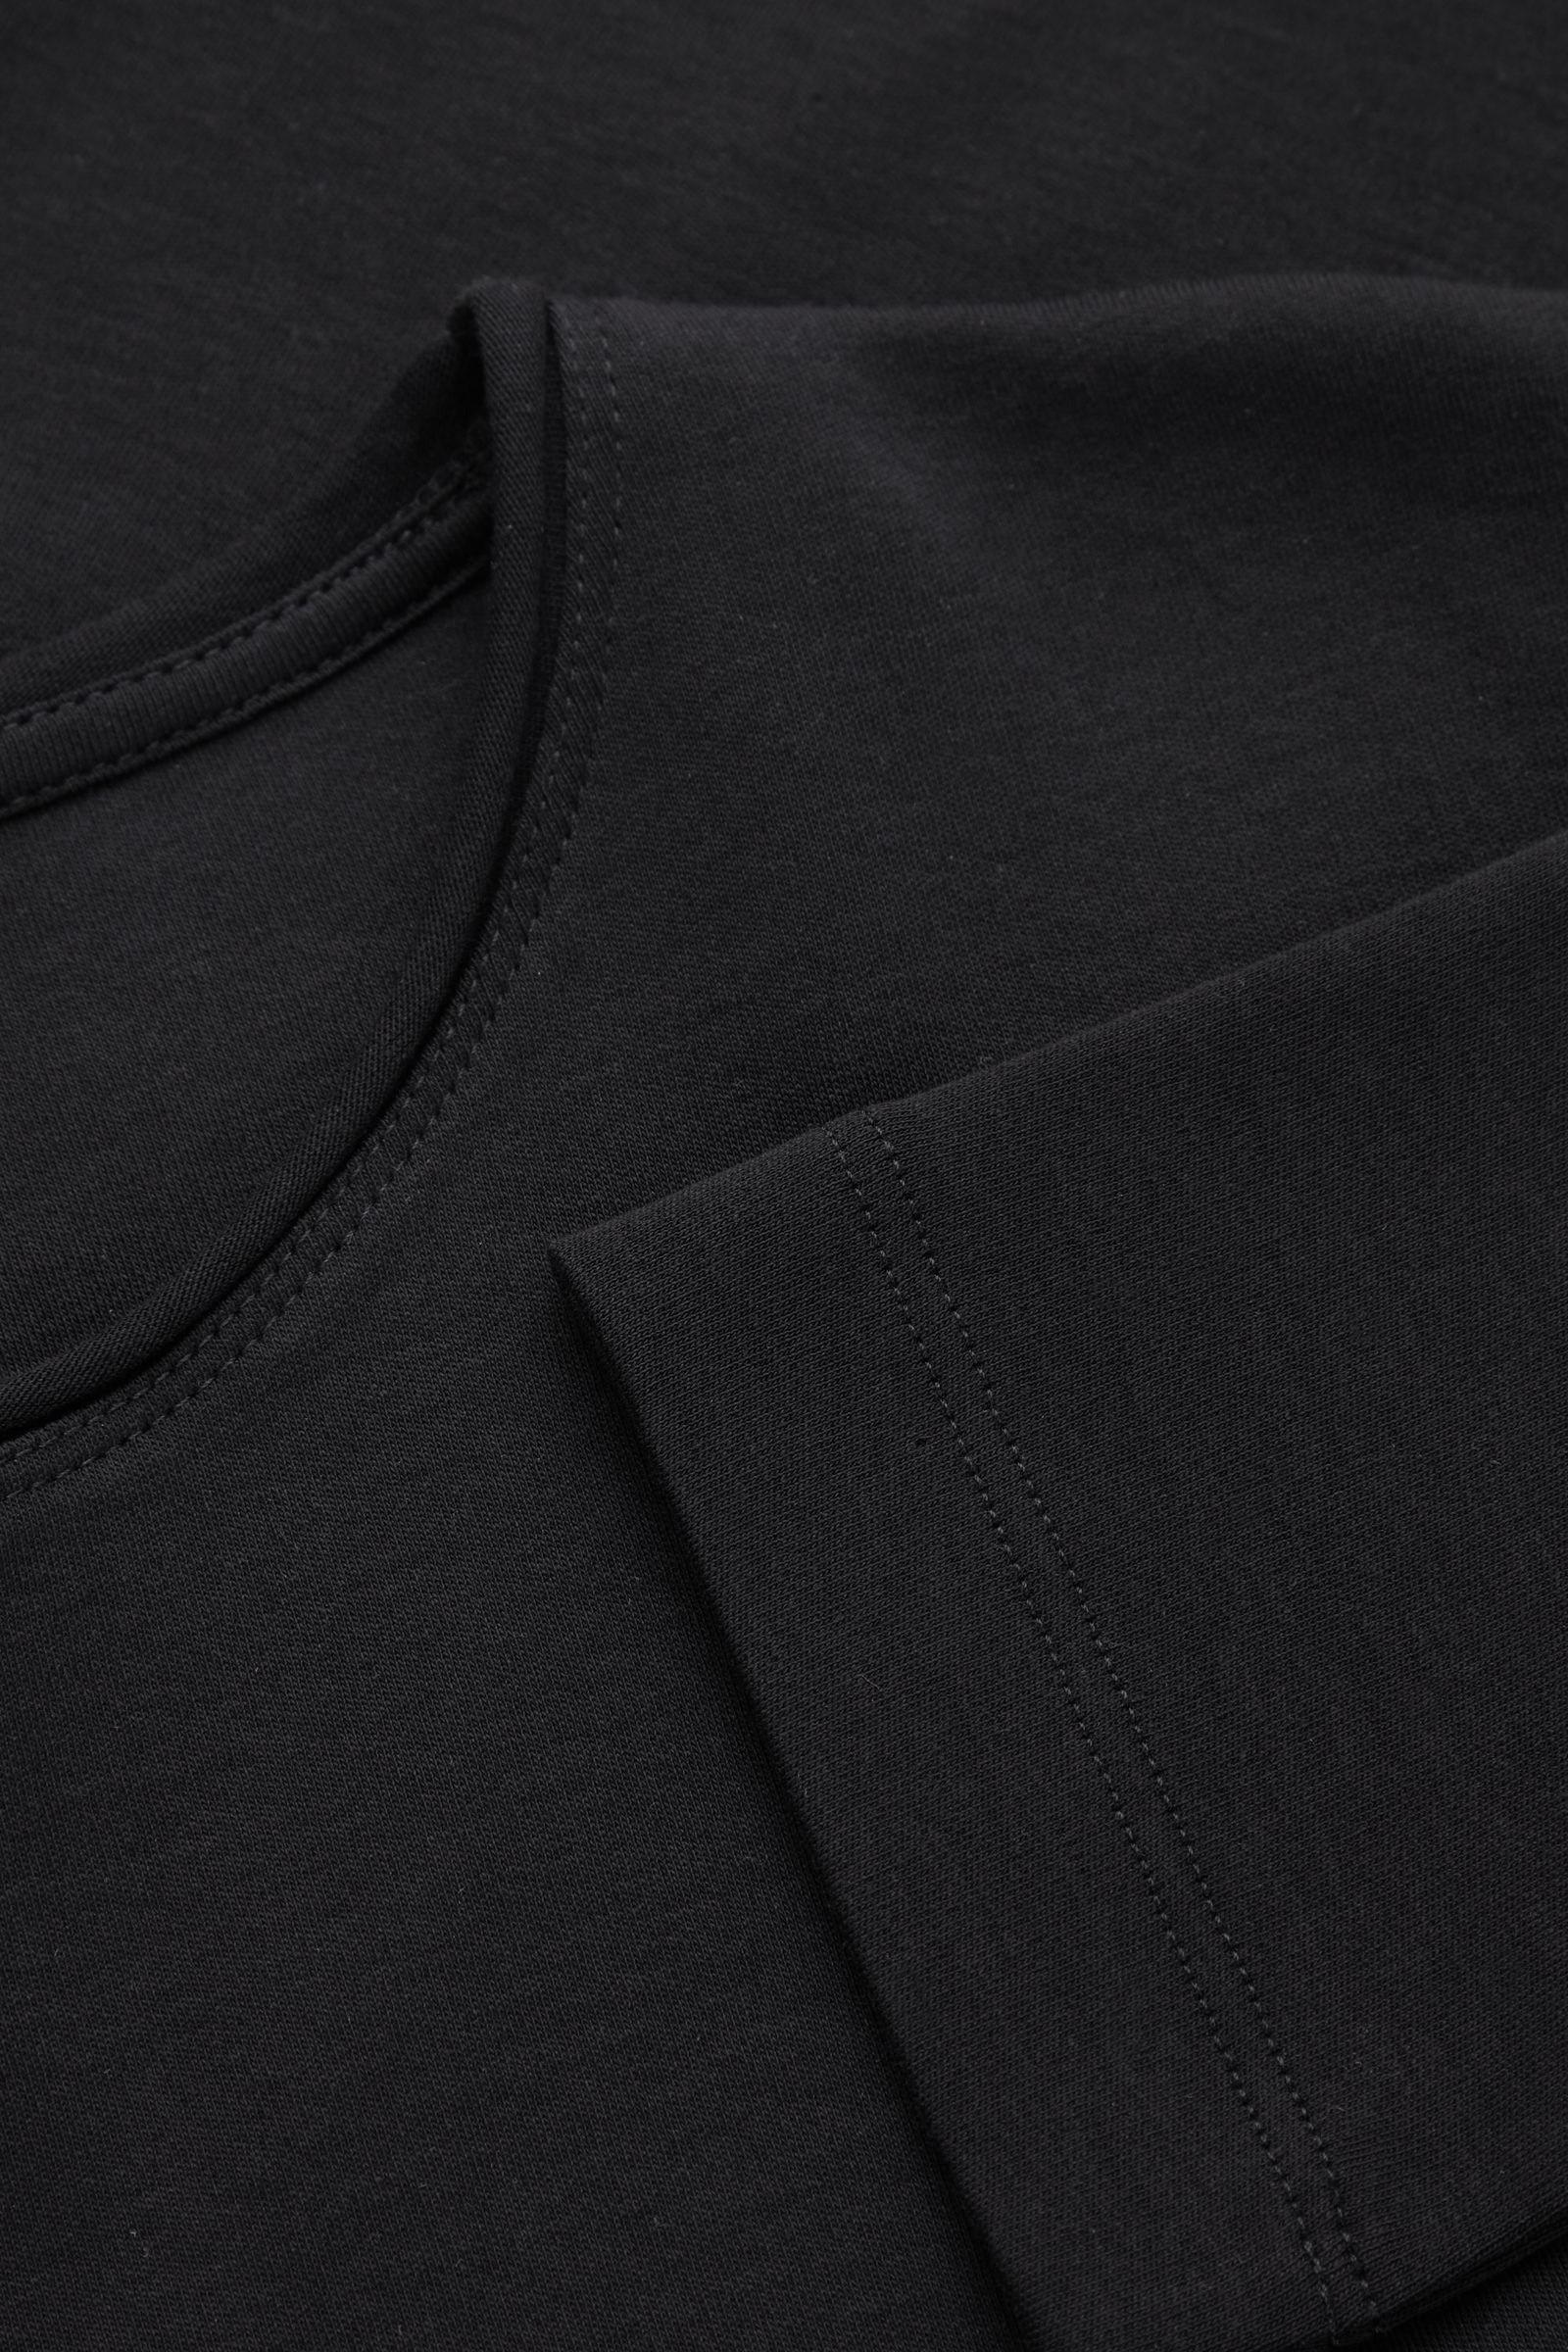 COS 롱 슬리브 티셔츠의 블랙컬러 Detail입니다.